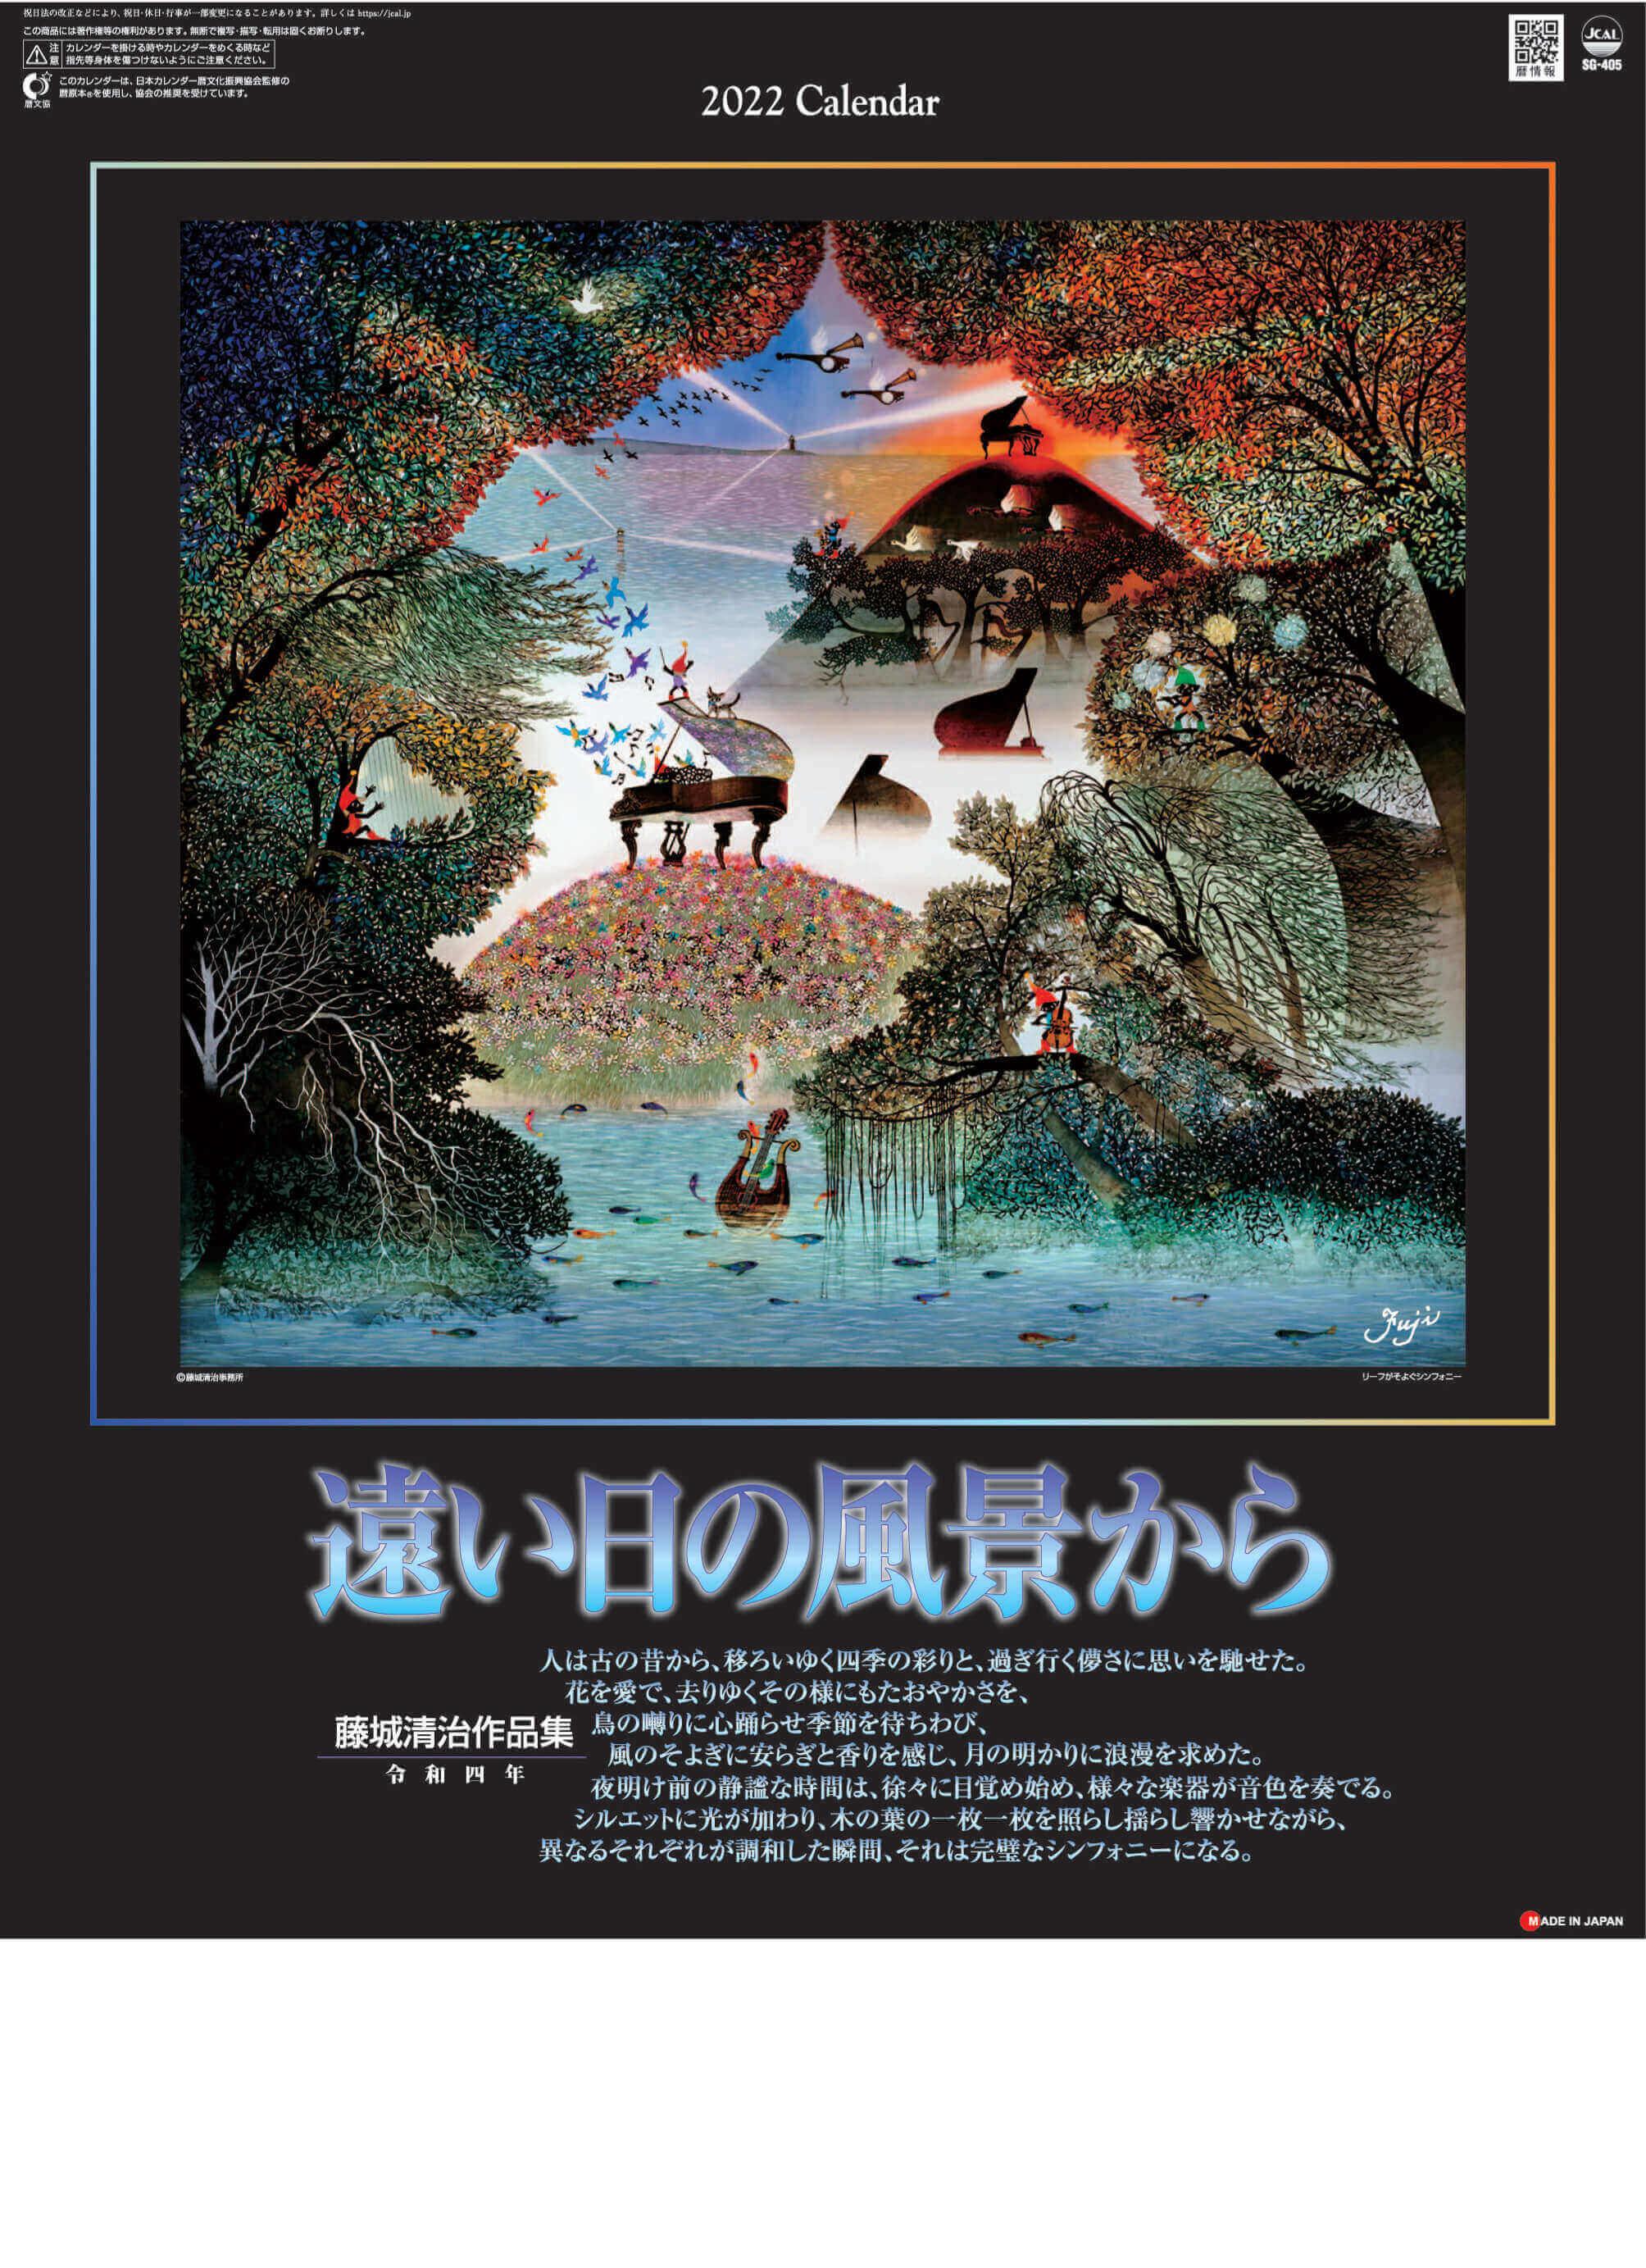 遠い日の風景から(影絵) 藤城清治 2022年カレンダーの画像